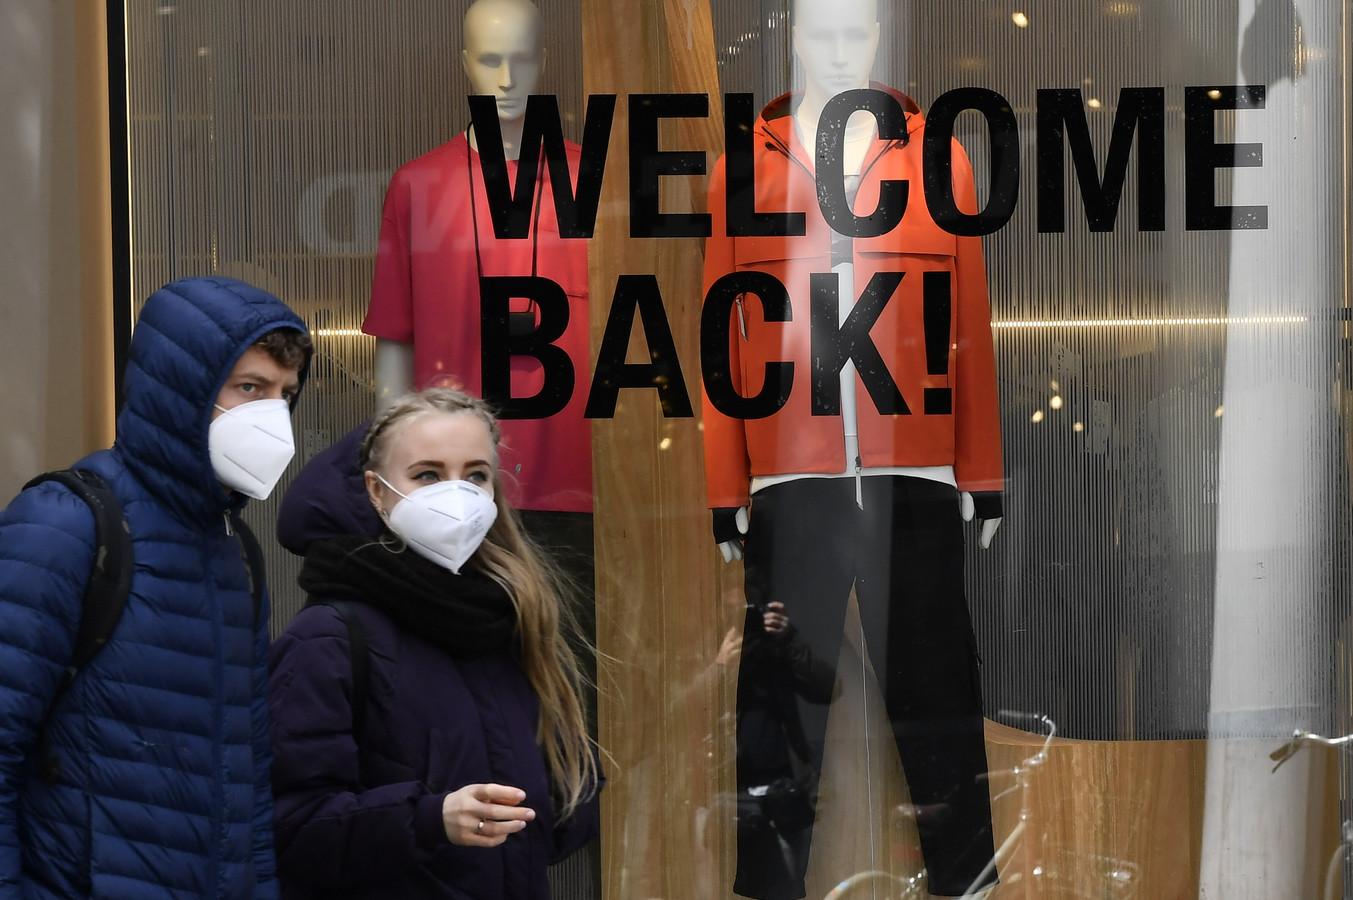 Winkels verwelkomden hun klanten terug na de eerste lockdown in mei. Archiefbeeld.